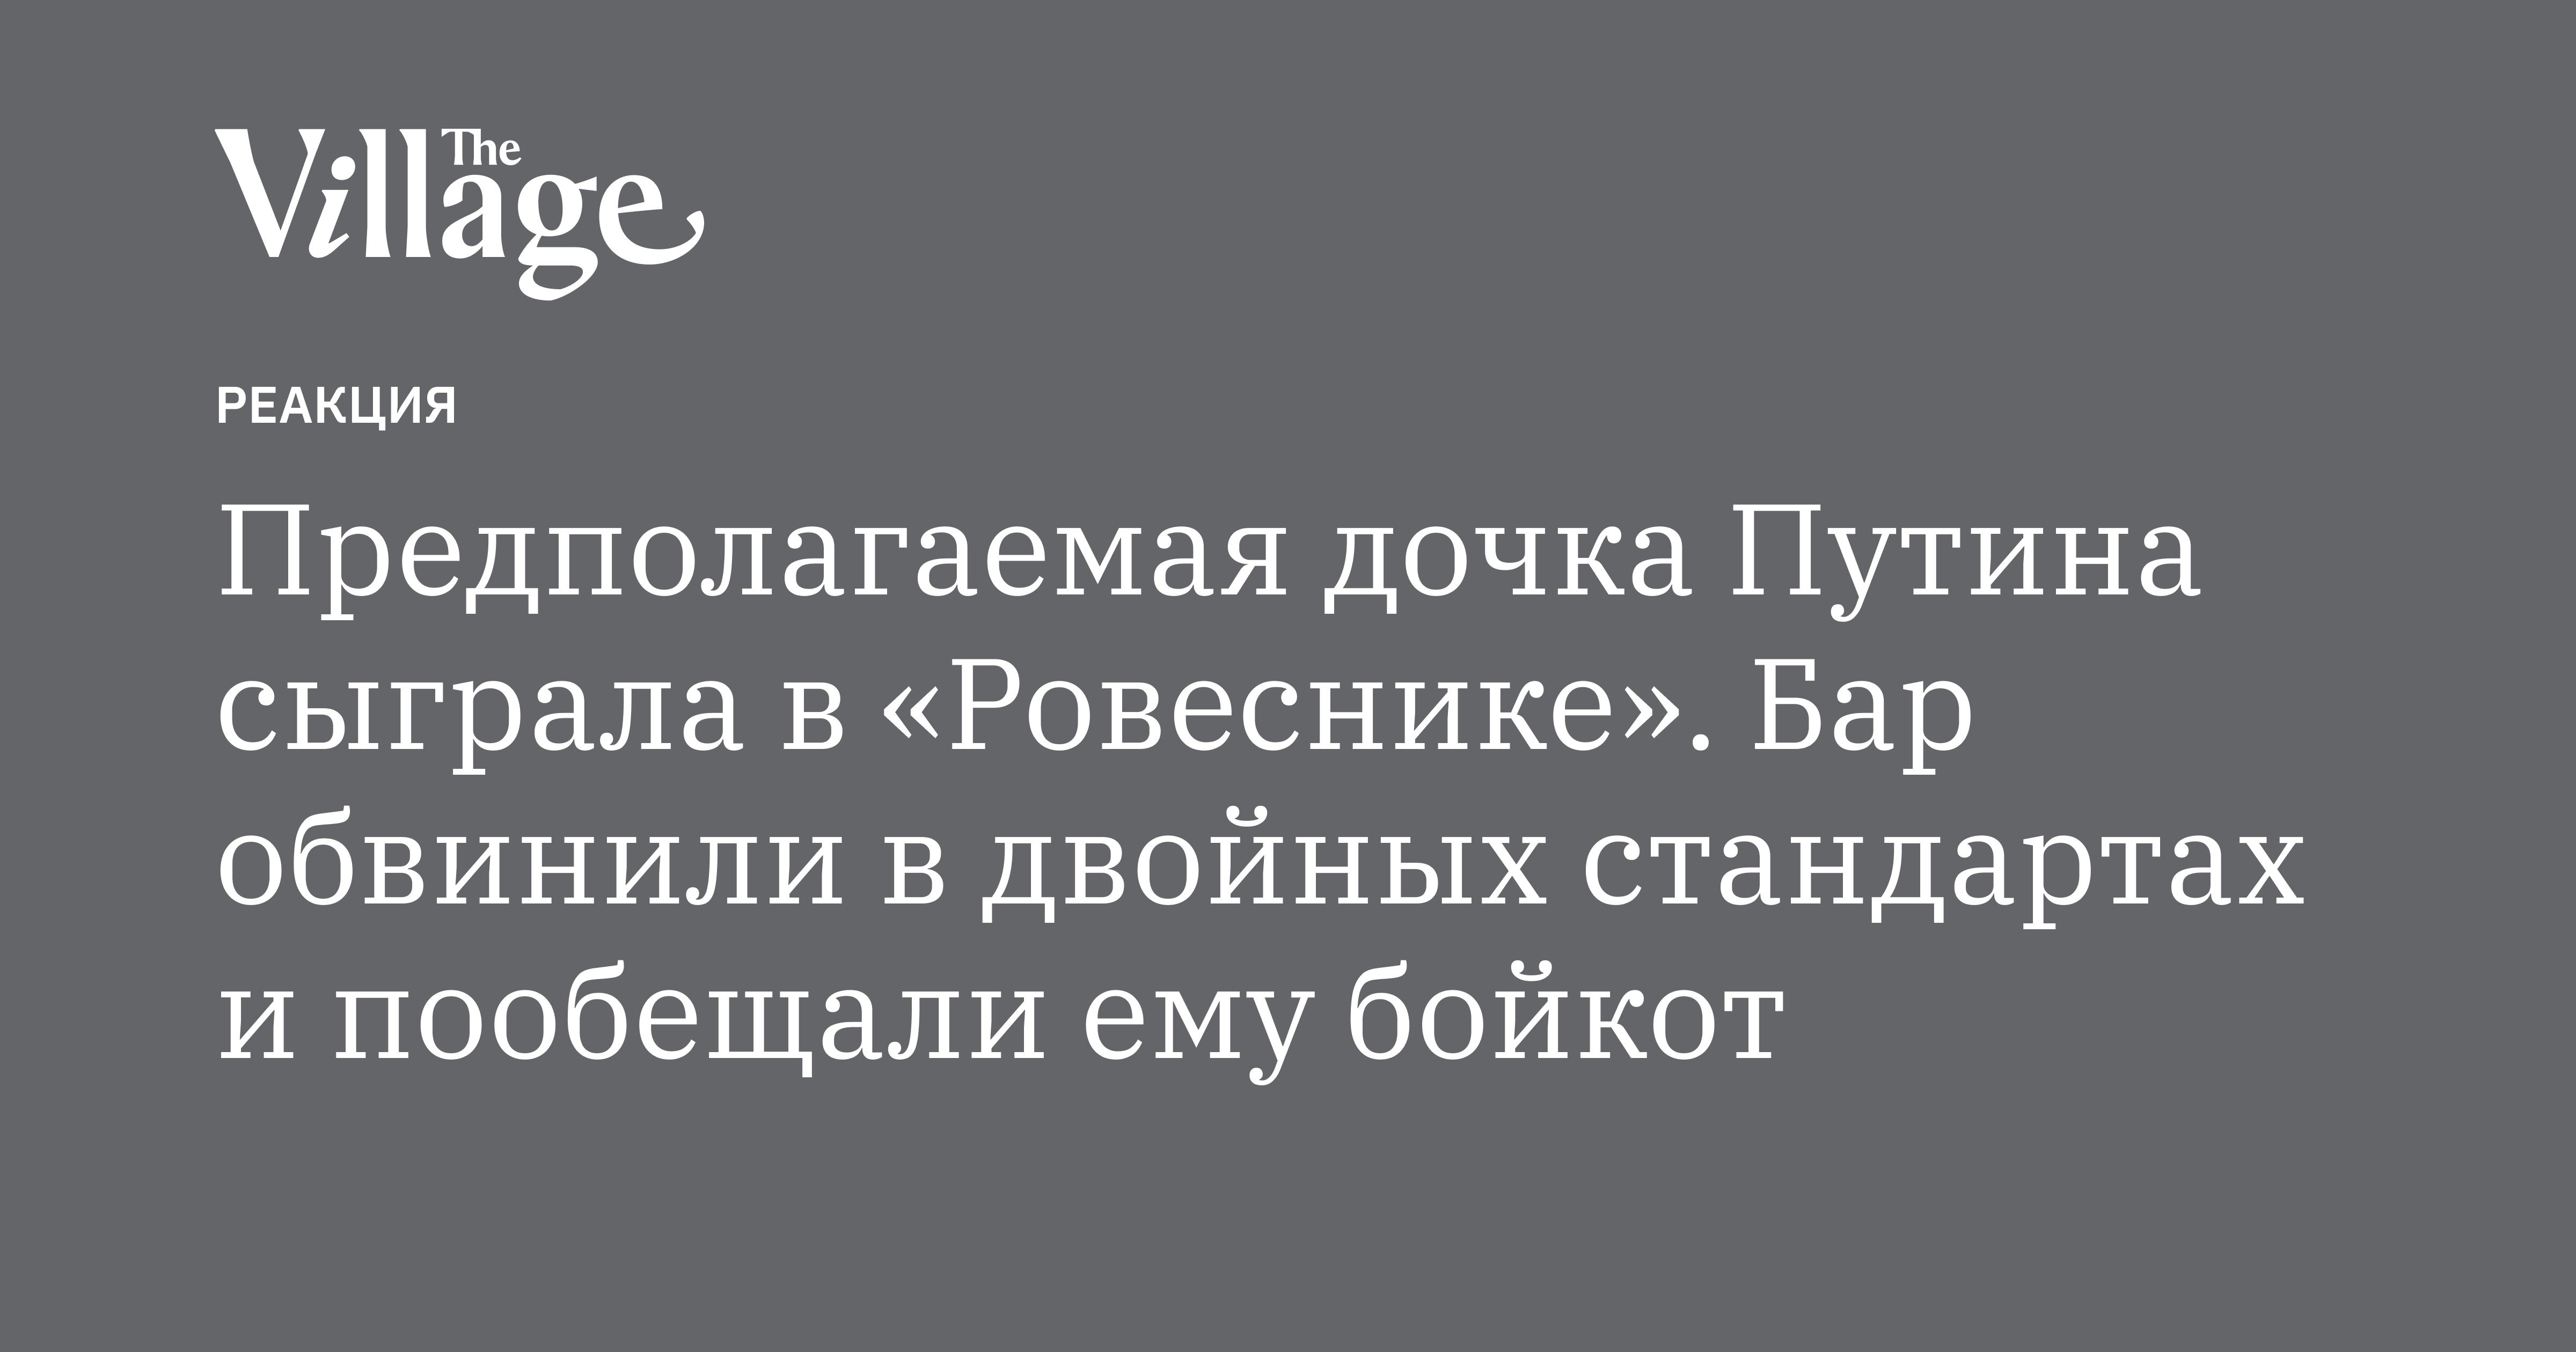 Предполагаемая дочка Путина сыграла в «Ровеснике». Бар обвинили в двойных стандартах и решили бойкотировать